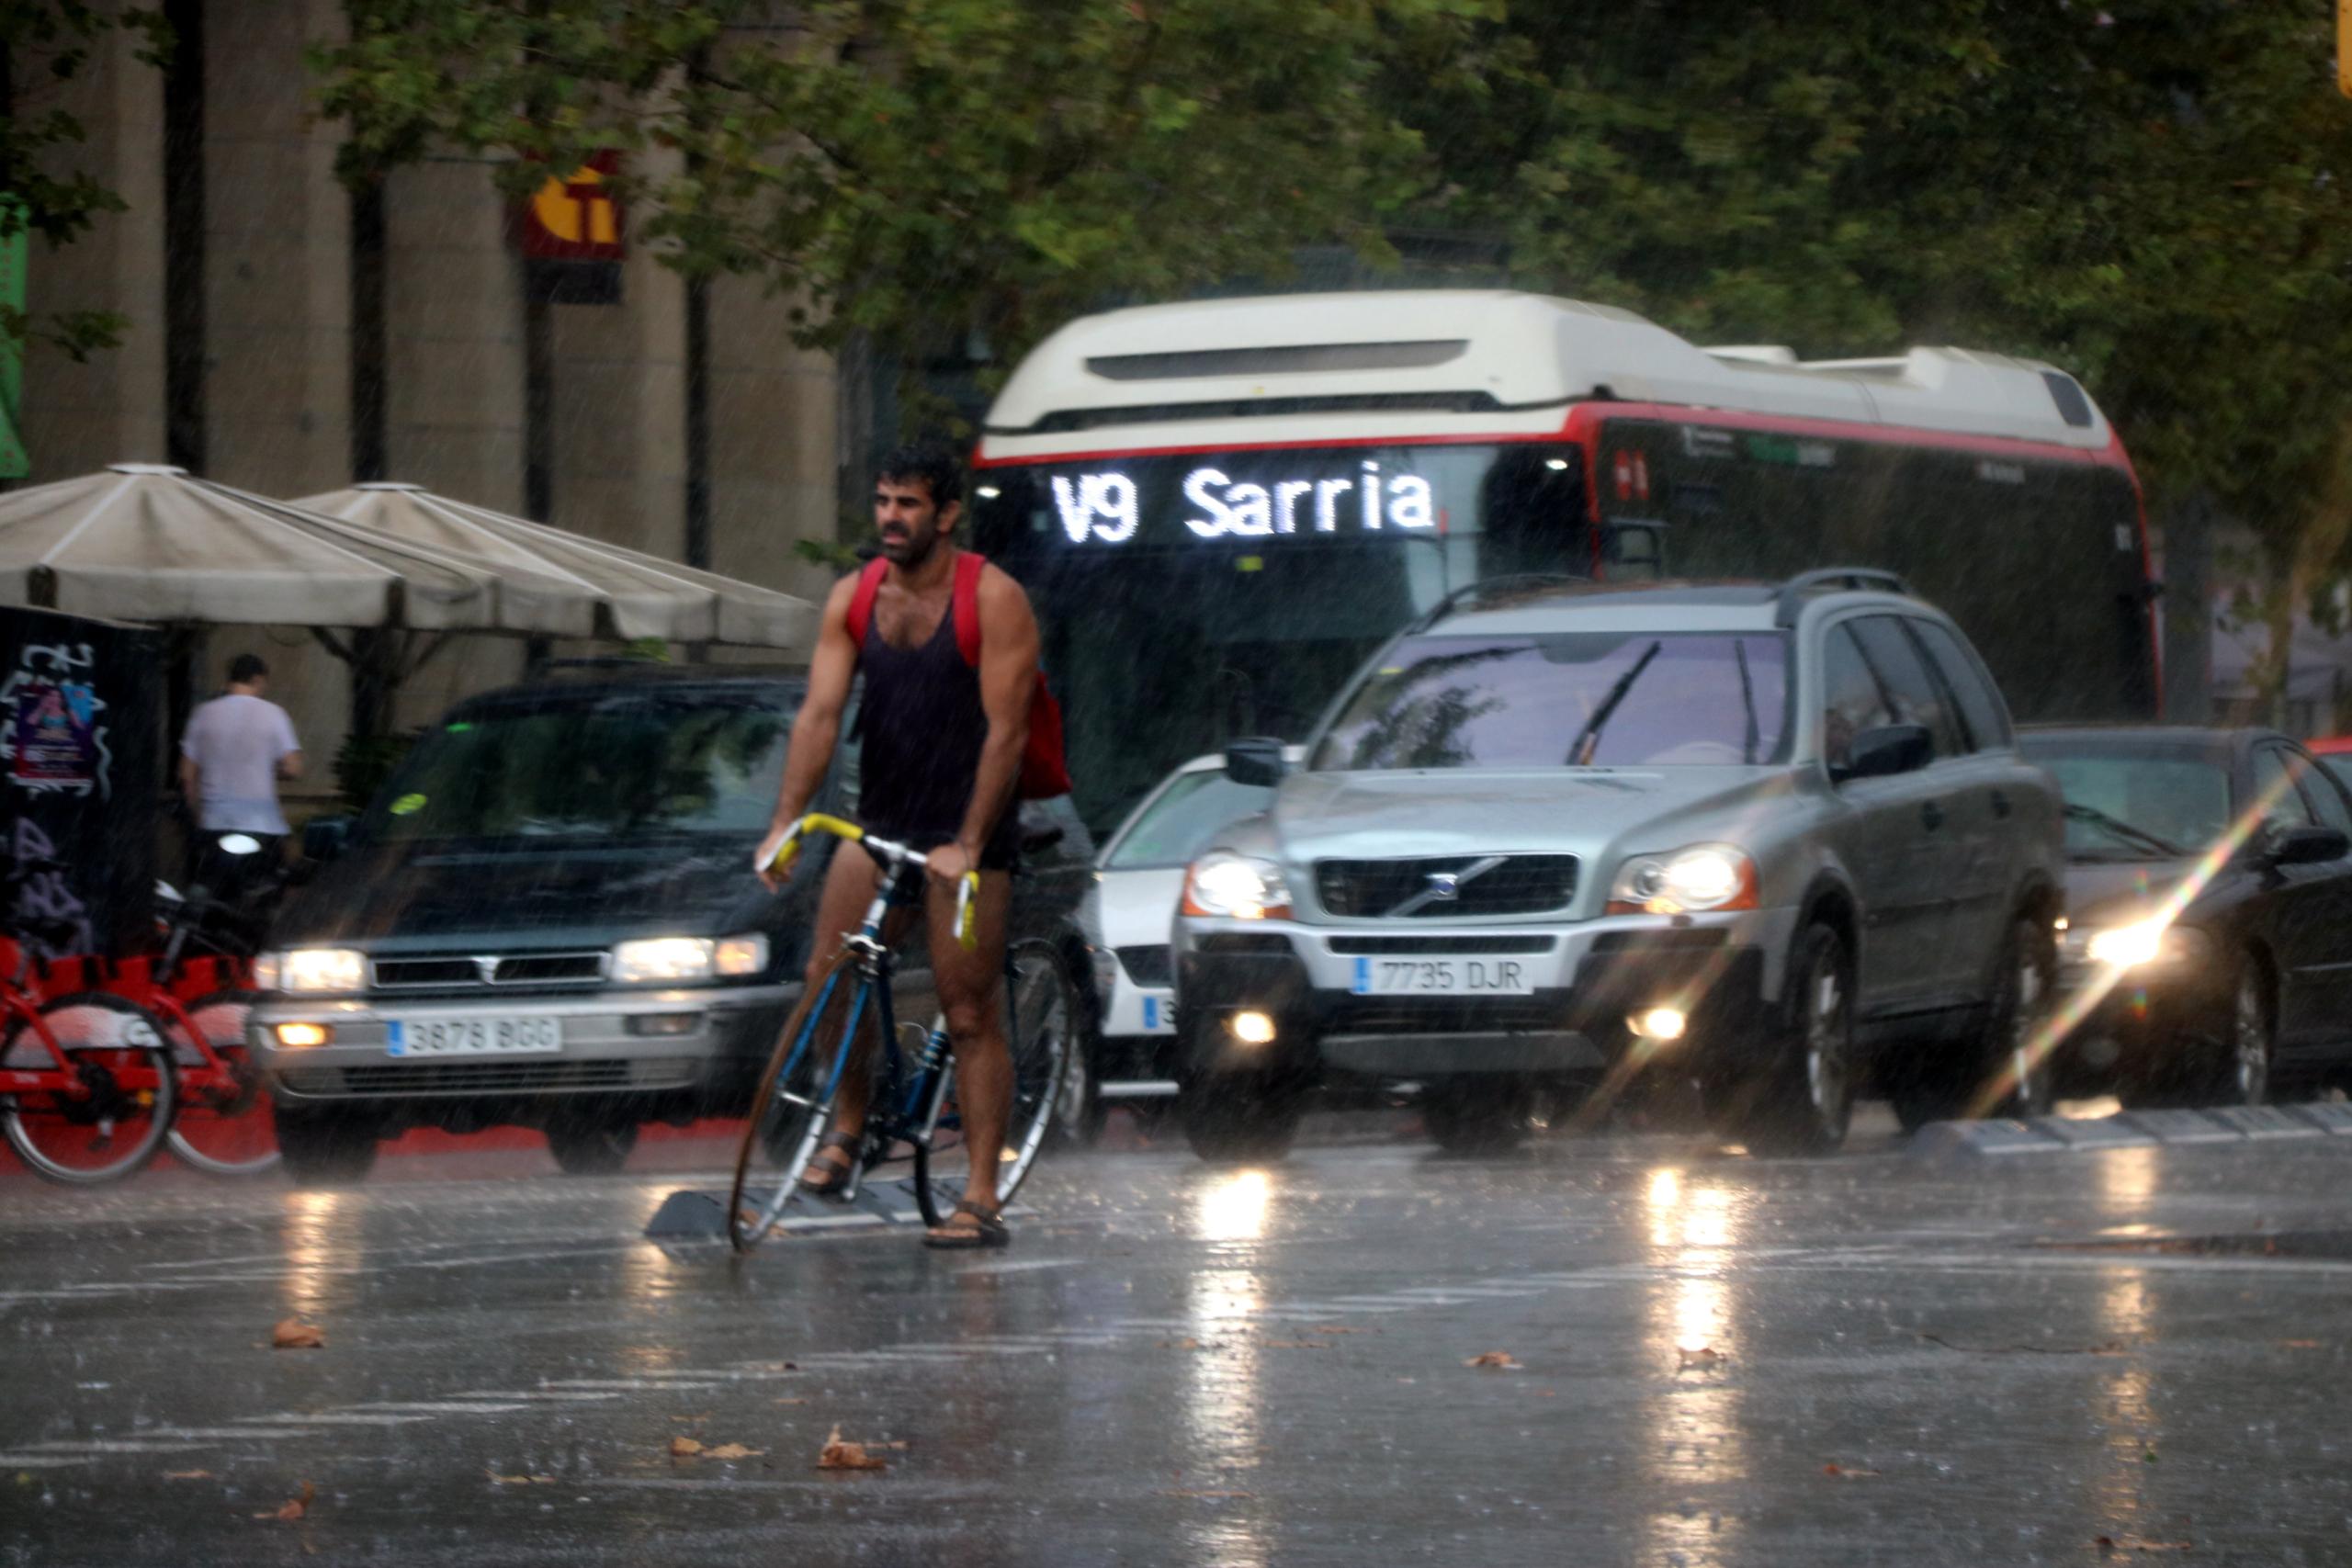 Un ciclista i diversos turismes sota la pluja a l'Avinguda Paral·lel de Barcelona | ACN